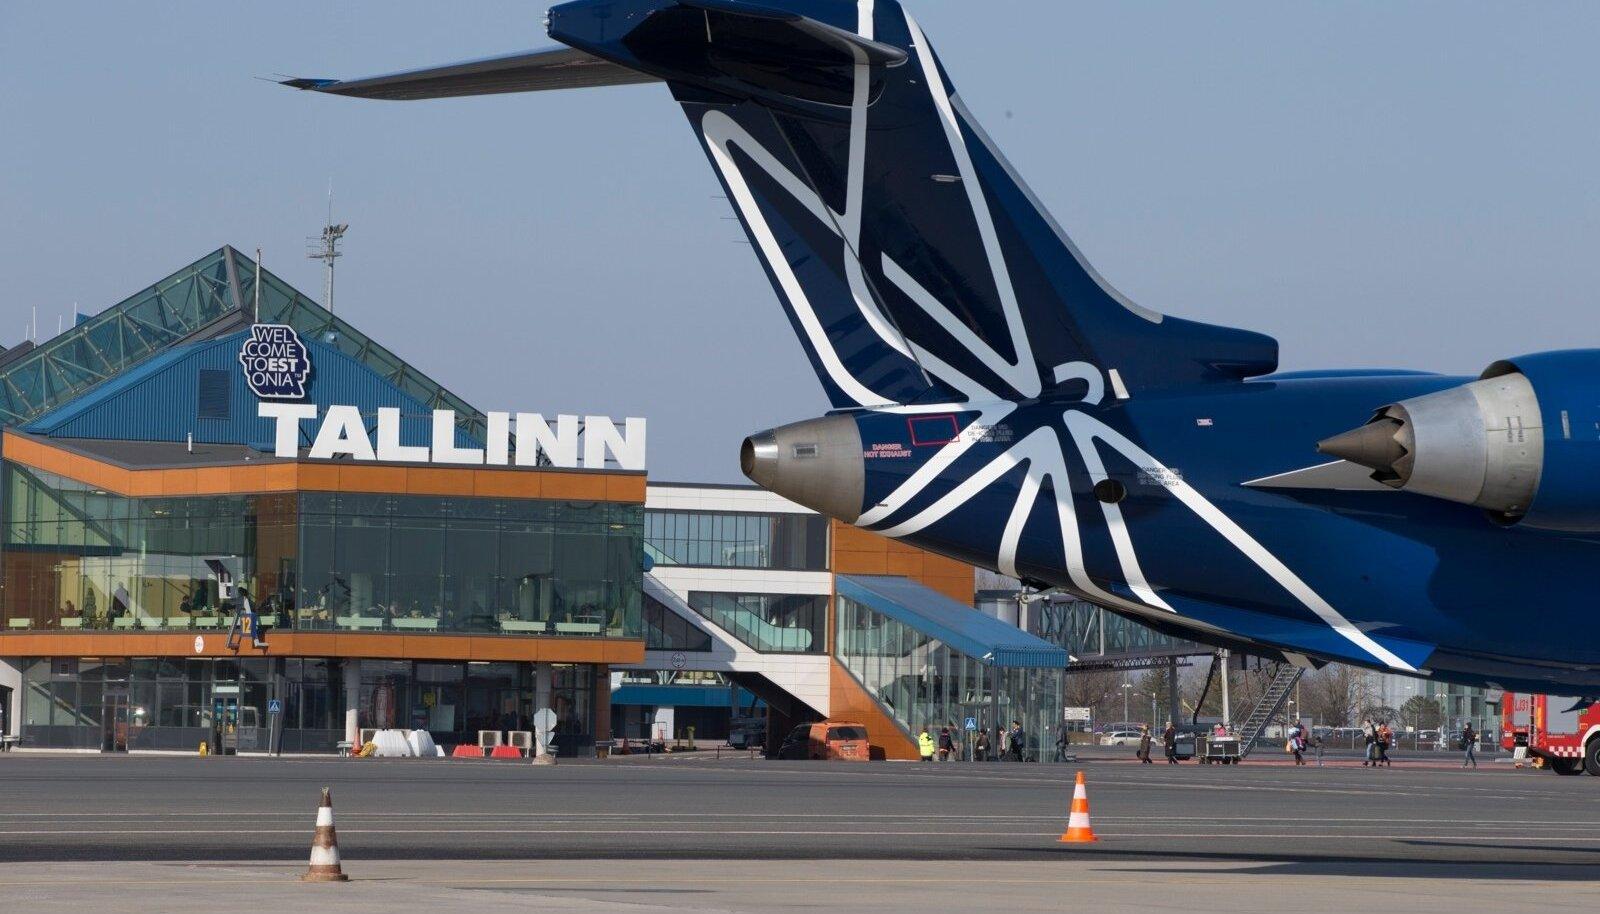 Nordica uus lennuk